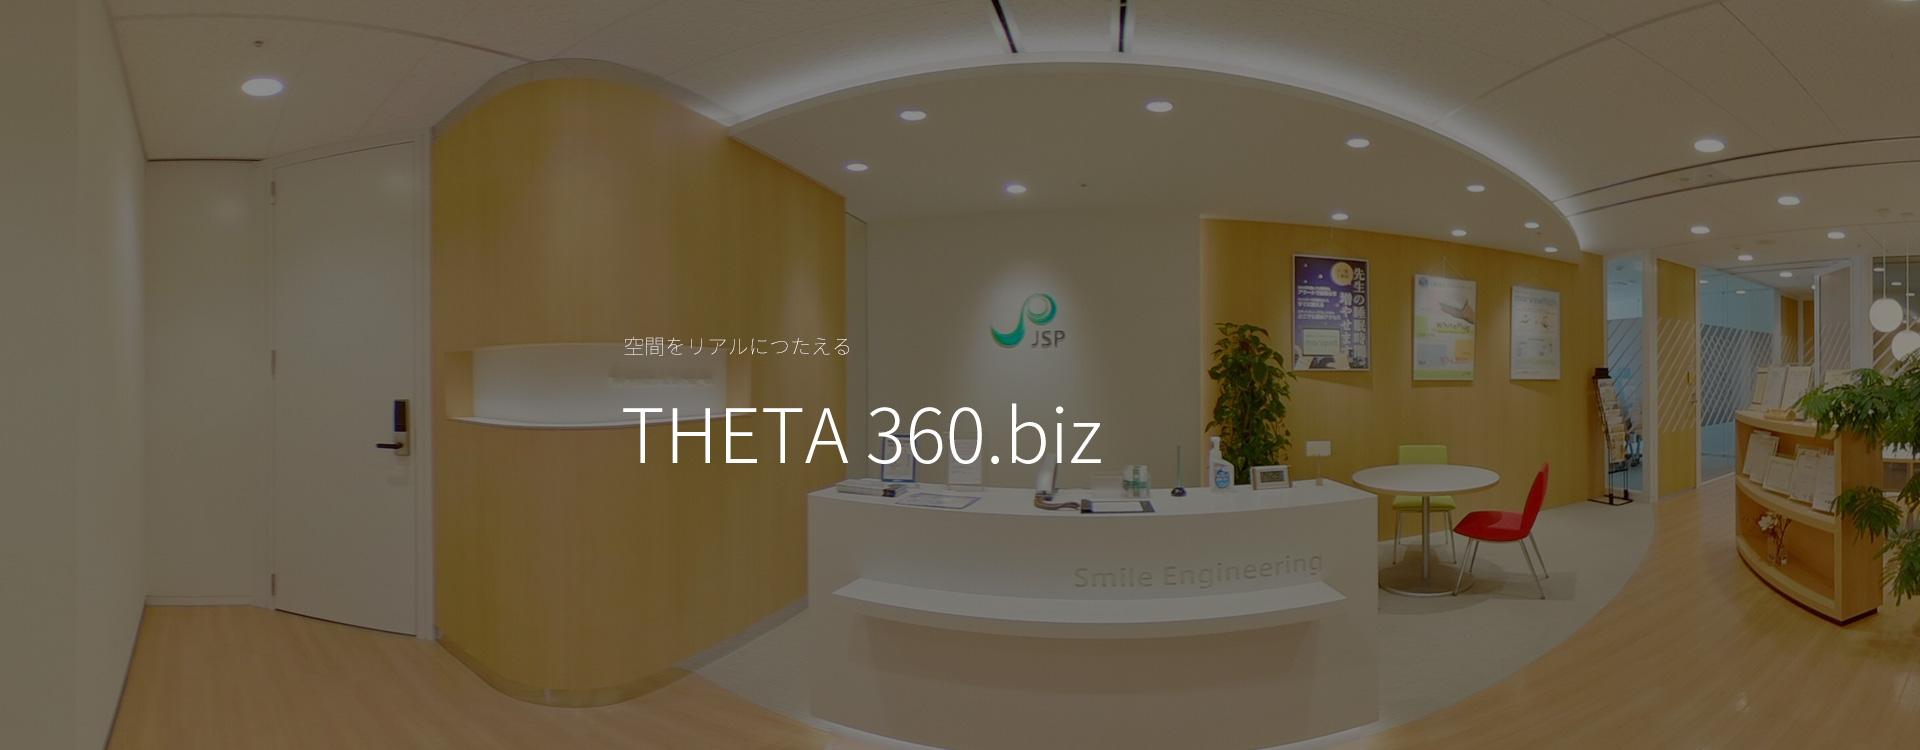 THETA 360.biz